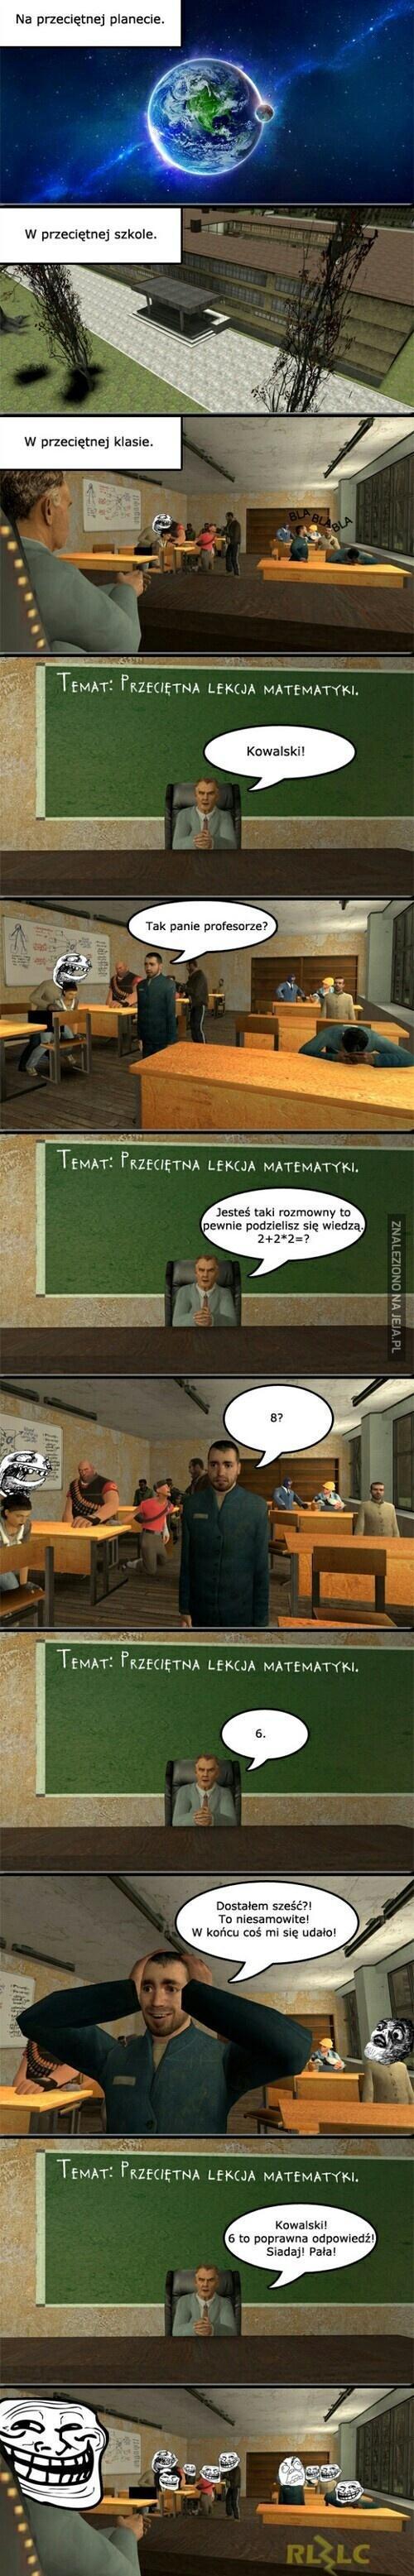 Przeciętna lekcja matematyki